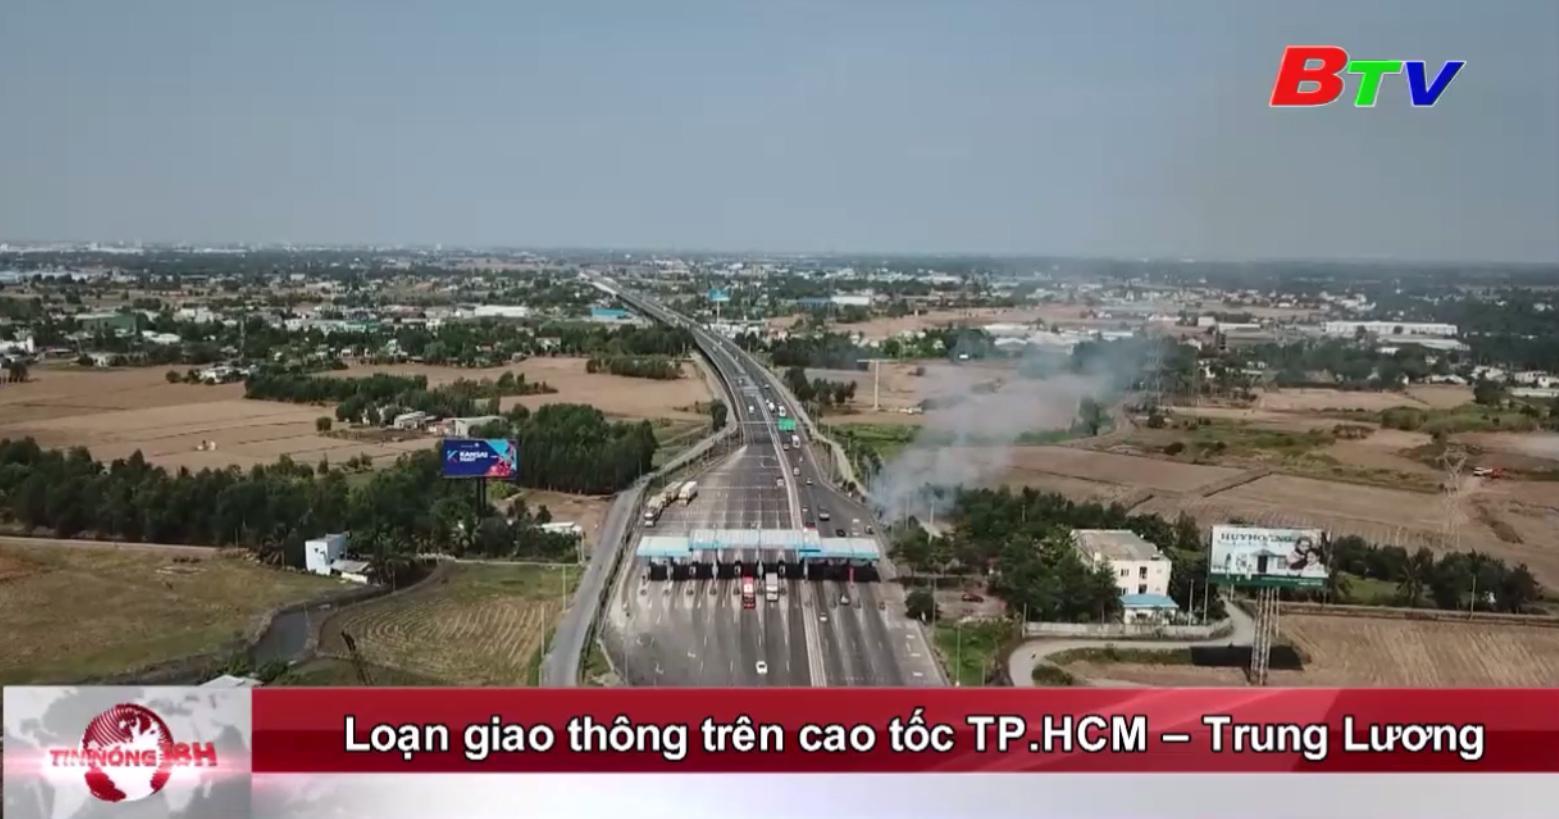 Loạn giao thông trên cao tốc TP.HCM - Trung Lương